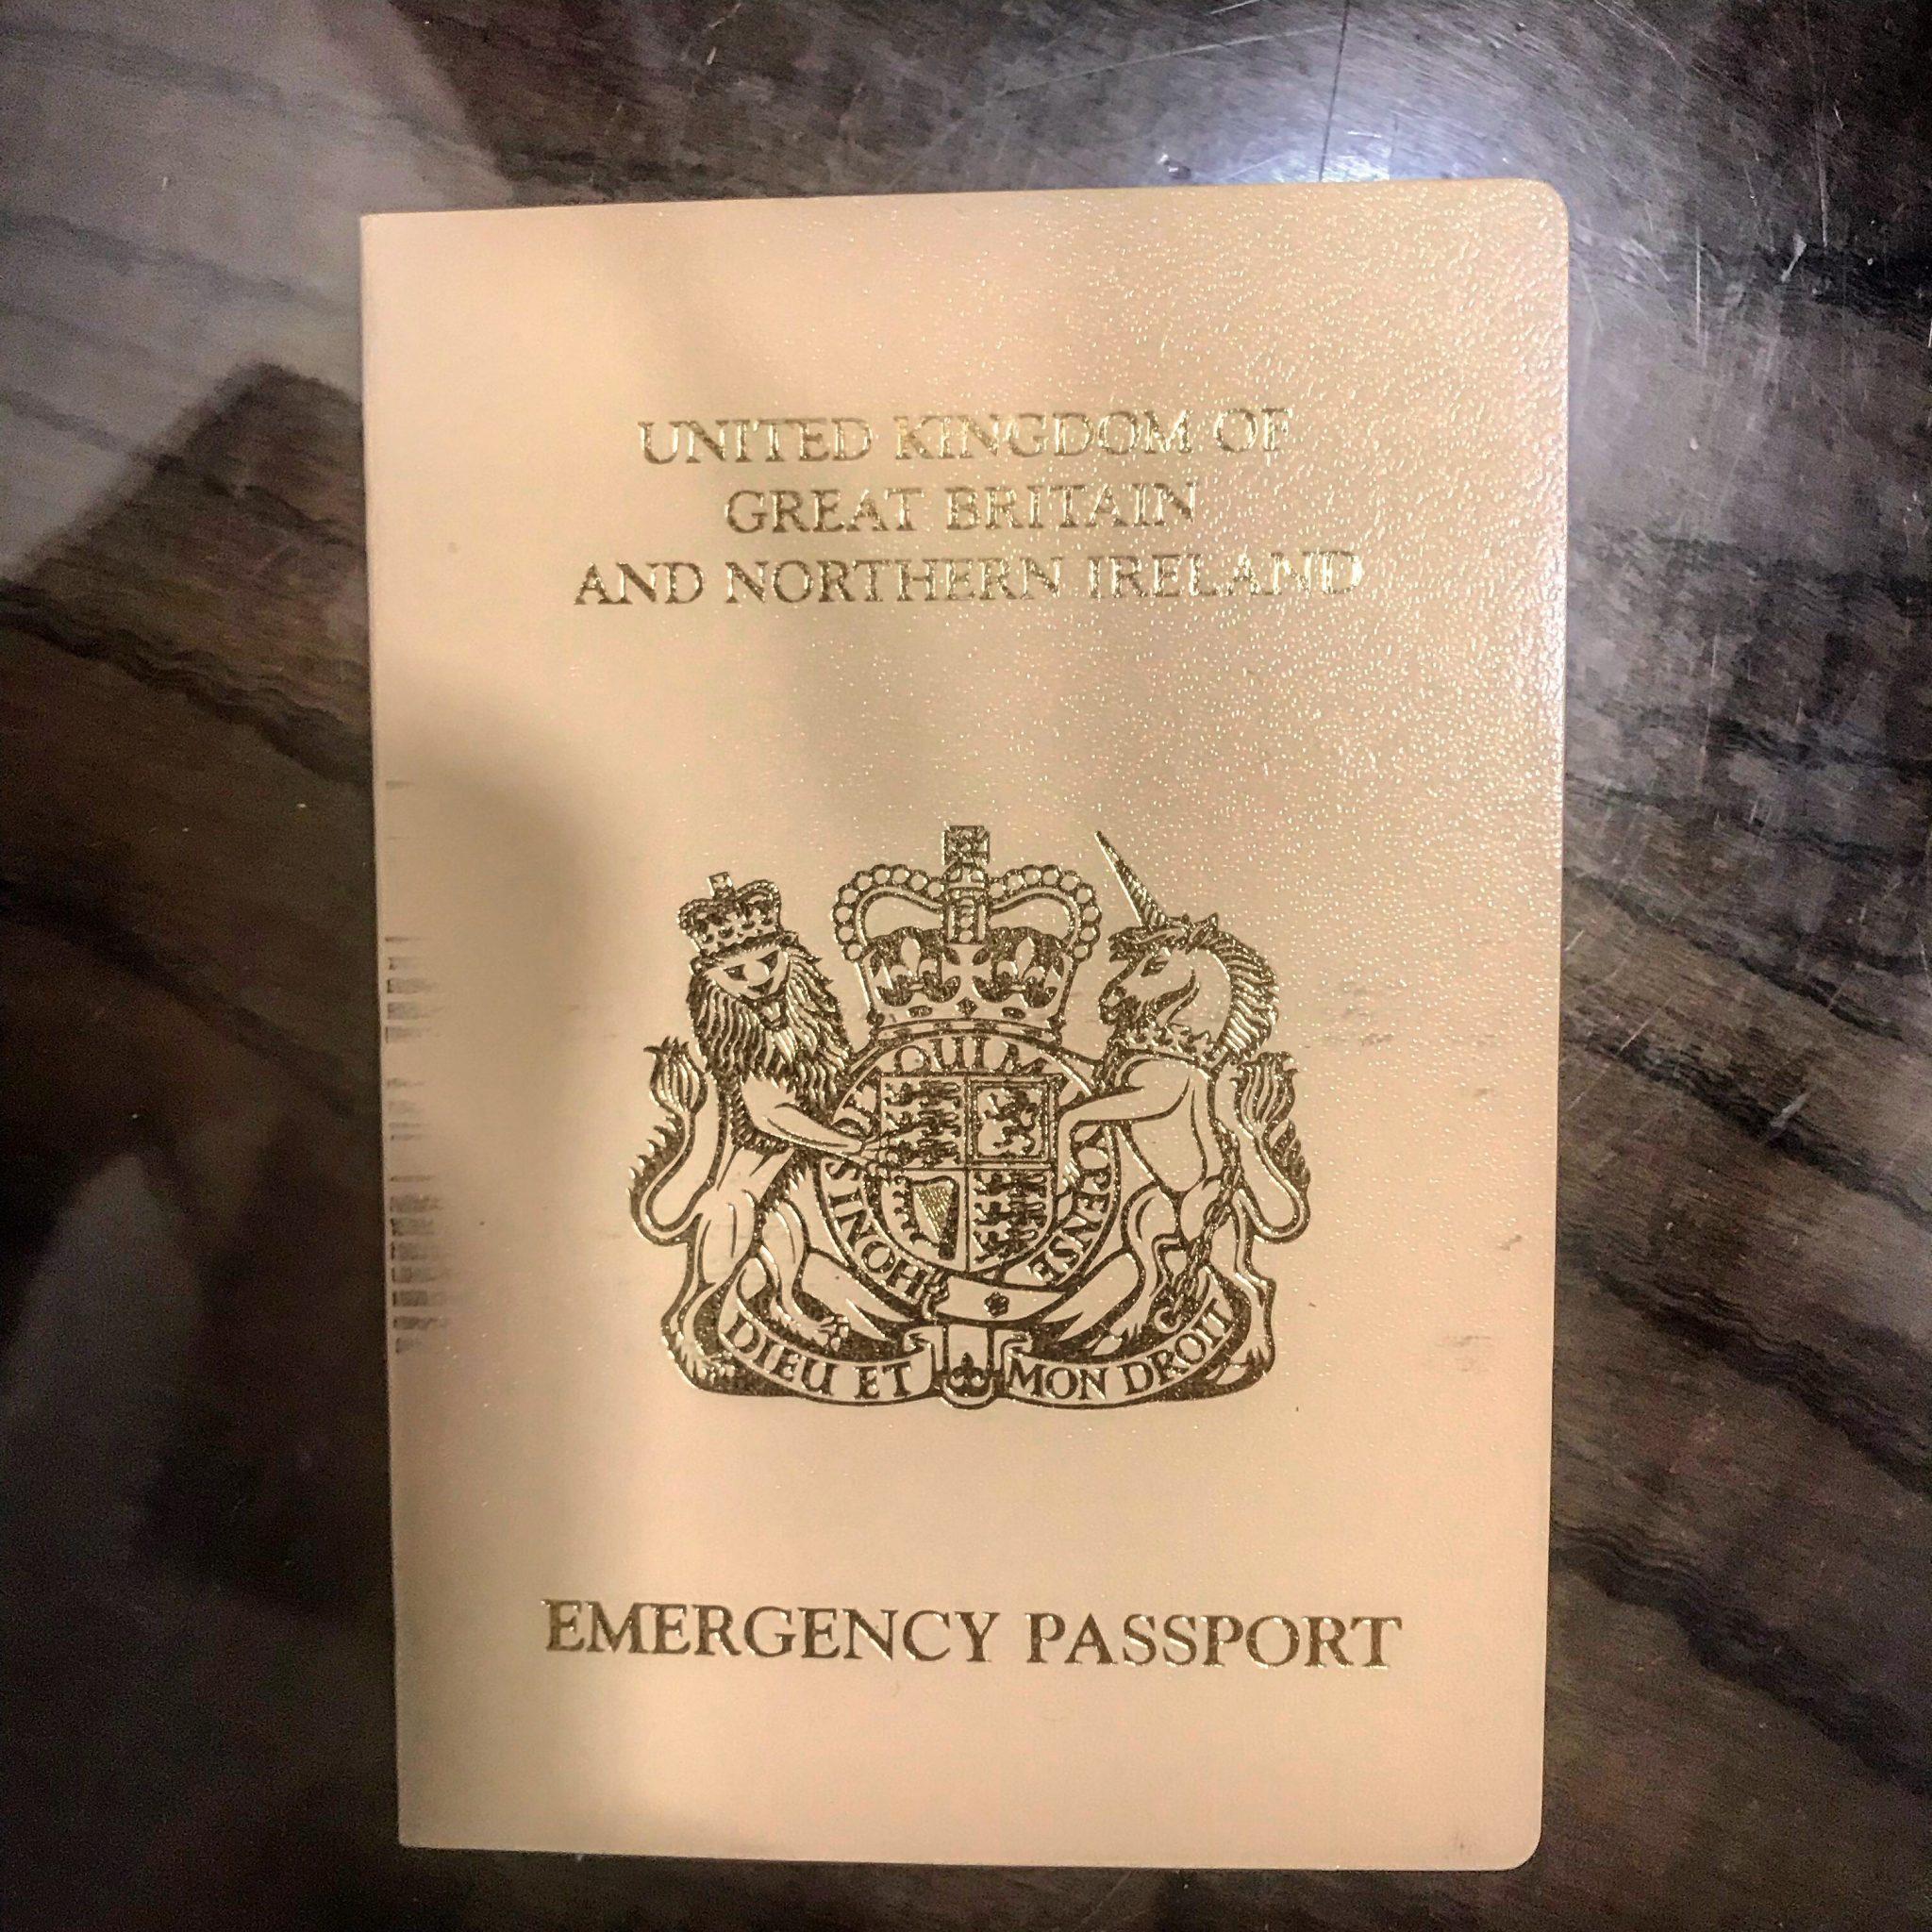 Emergency British passport